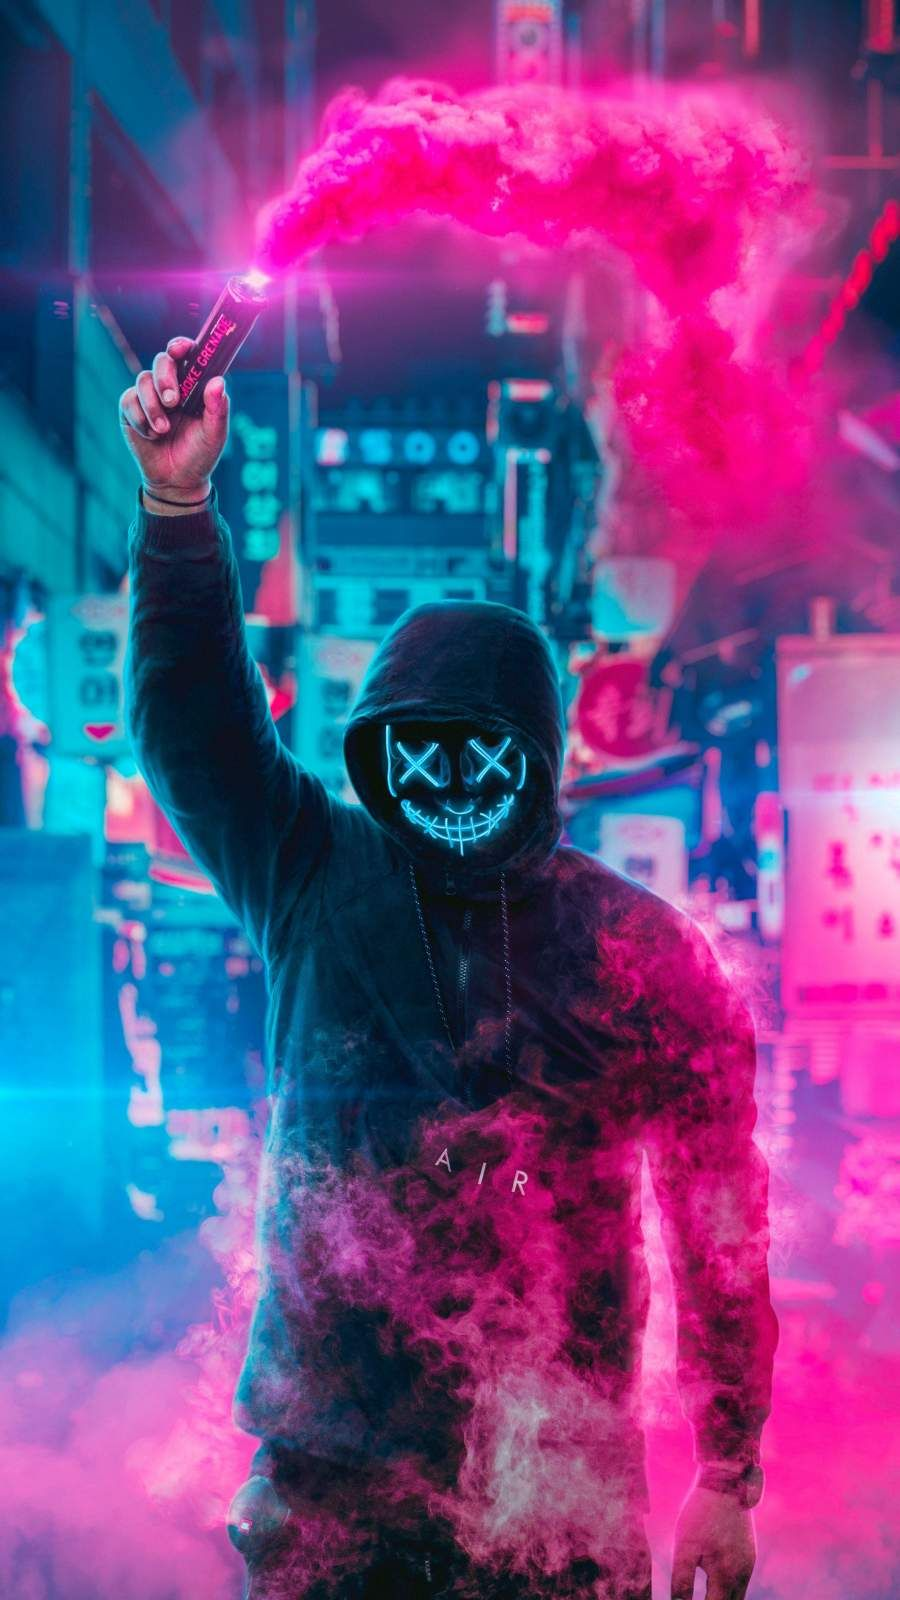 Smoke Grenade Neon Mask Guy Iphone Wallpaper Ilustrasi Poster